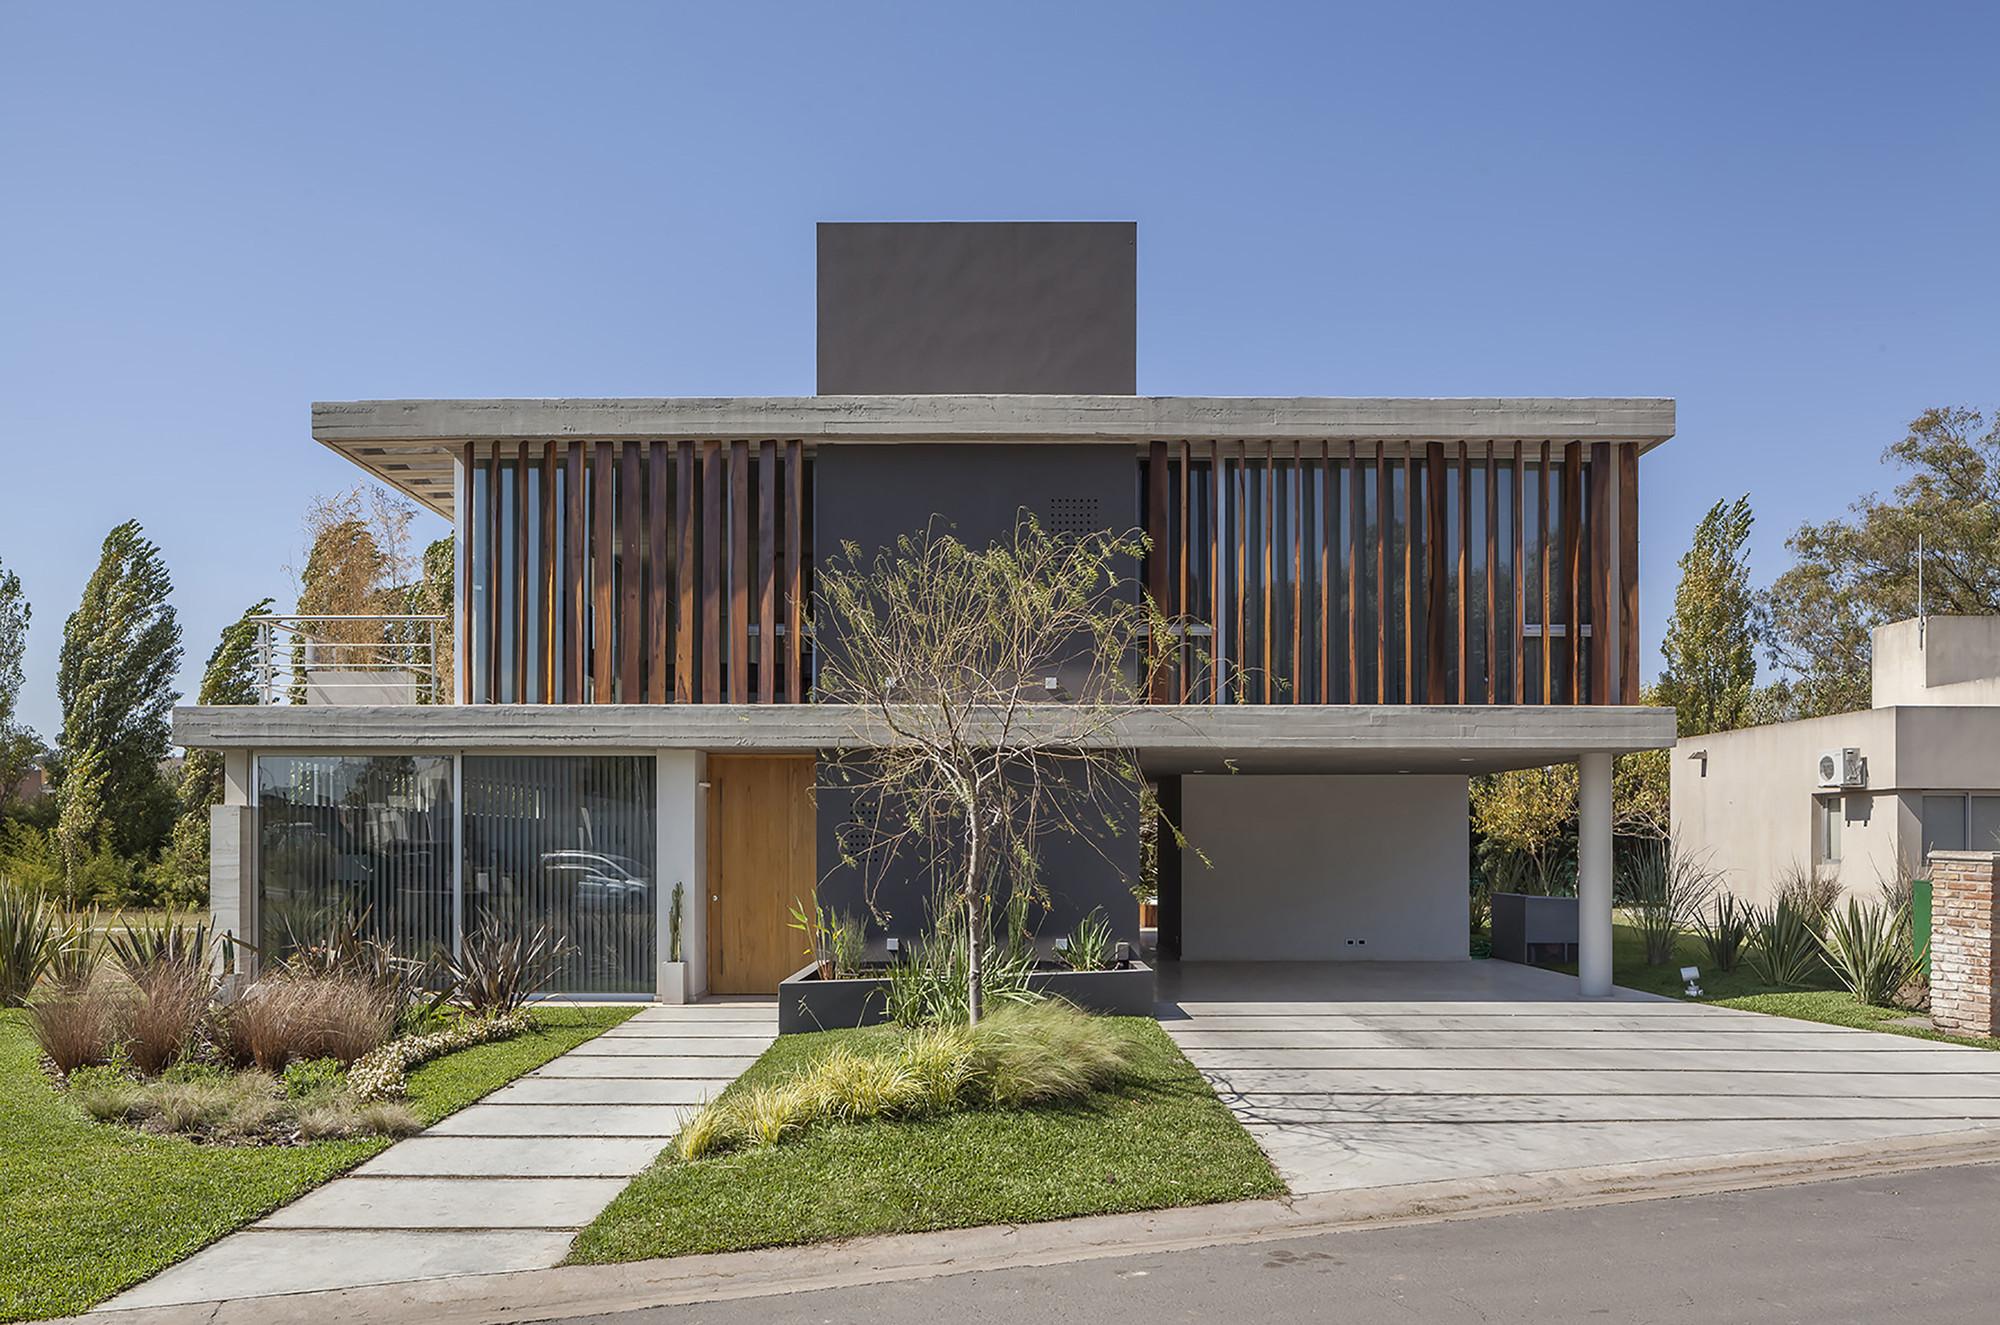 Casa haras estudio geya plataforma arquitectura for Parasoles arquitectura